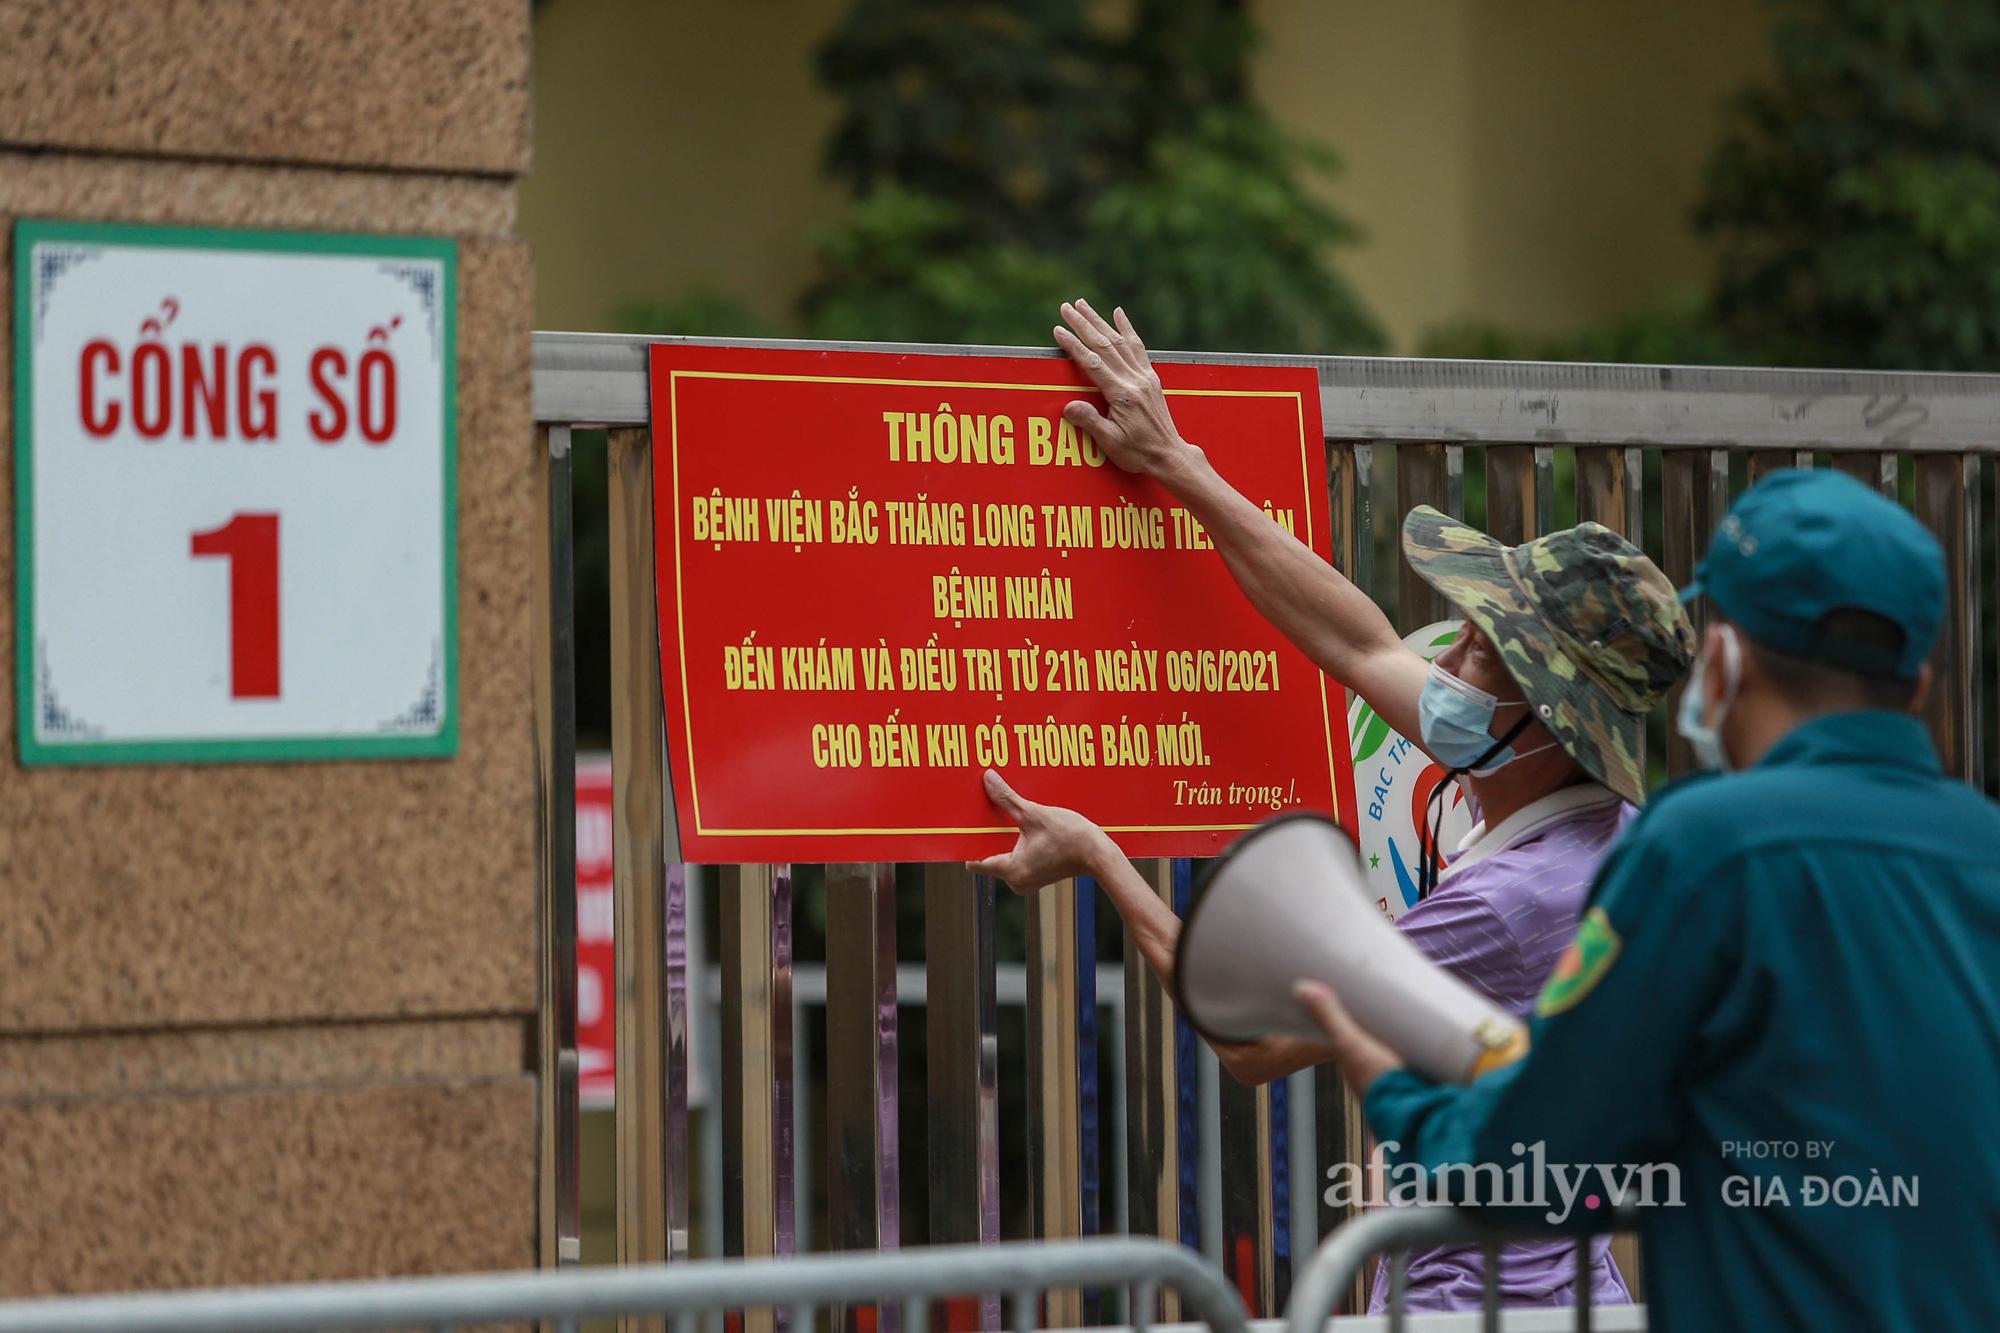 Bệnh viện Bắc Thăng Long tạm thời phong tỏa, dừng tiếp nhận bệnh nhân vì có liên quan đến người phụ nữ bán rau dương tính SARS-CoV-2 trong cộng đồng - Ảnh 10.